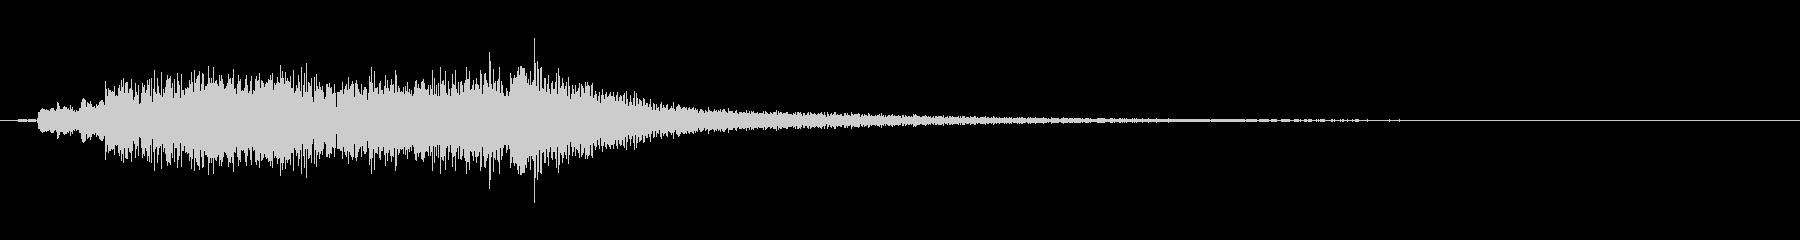 優雅な和風サウンド琴のマルチフレーズFXの未再生の波形